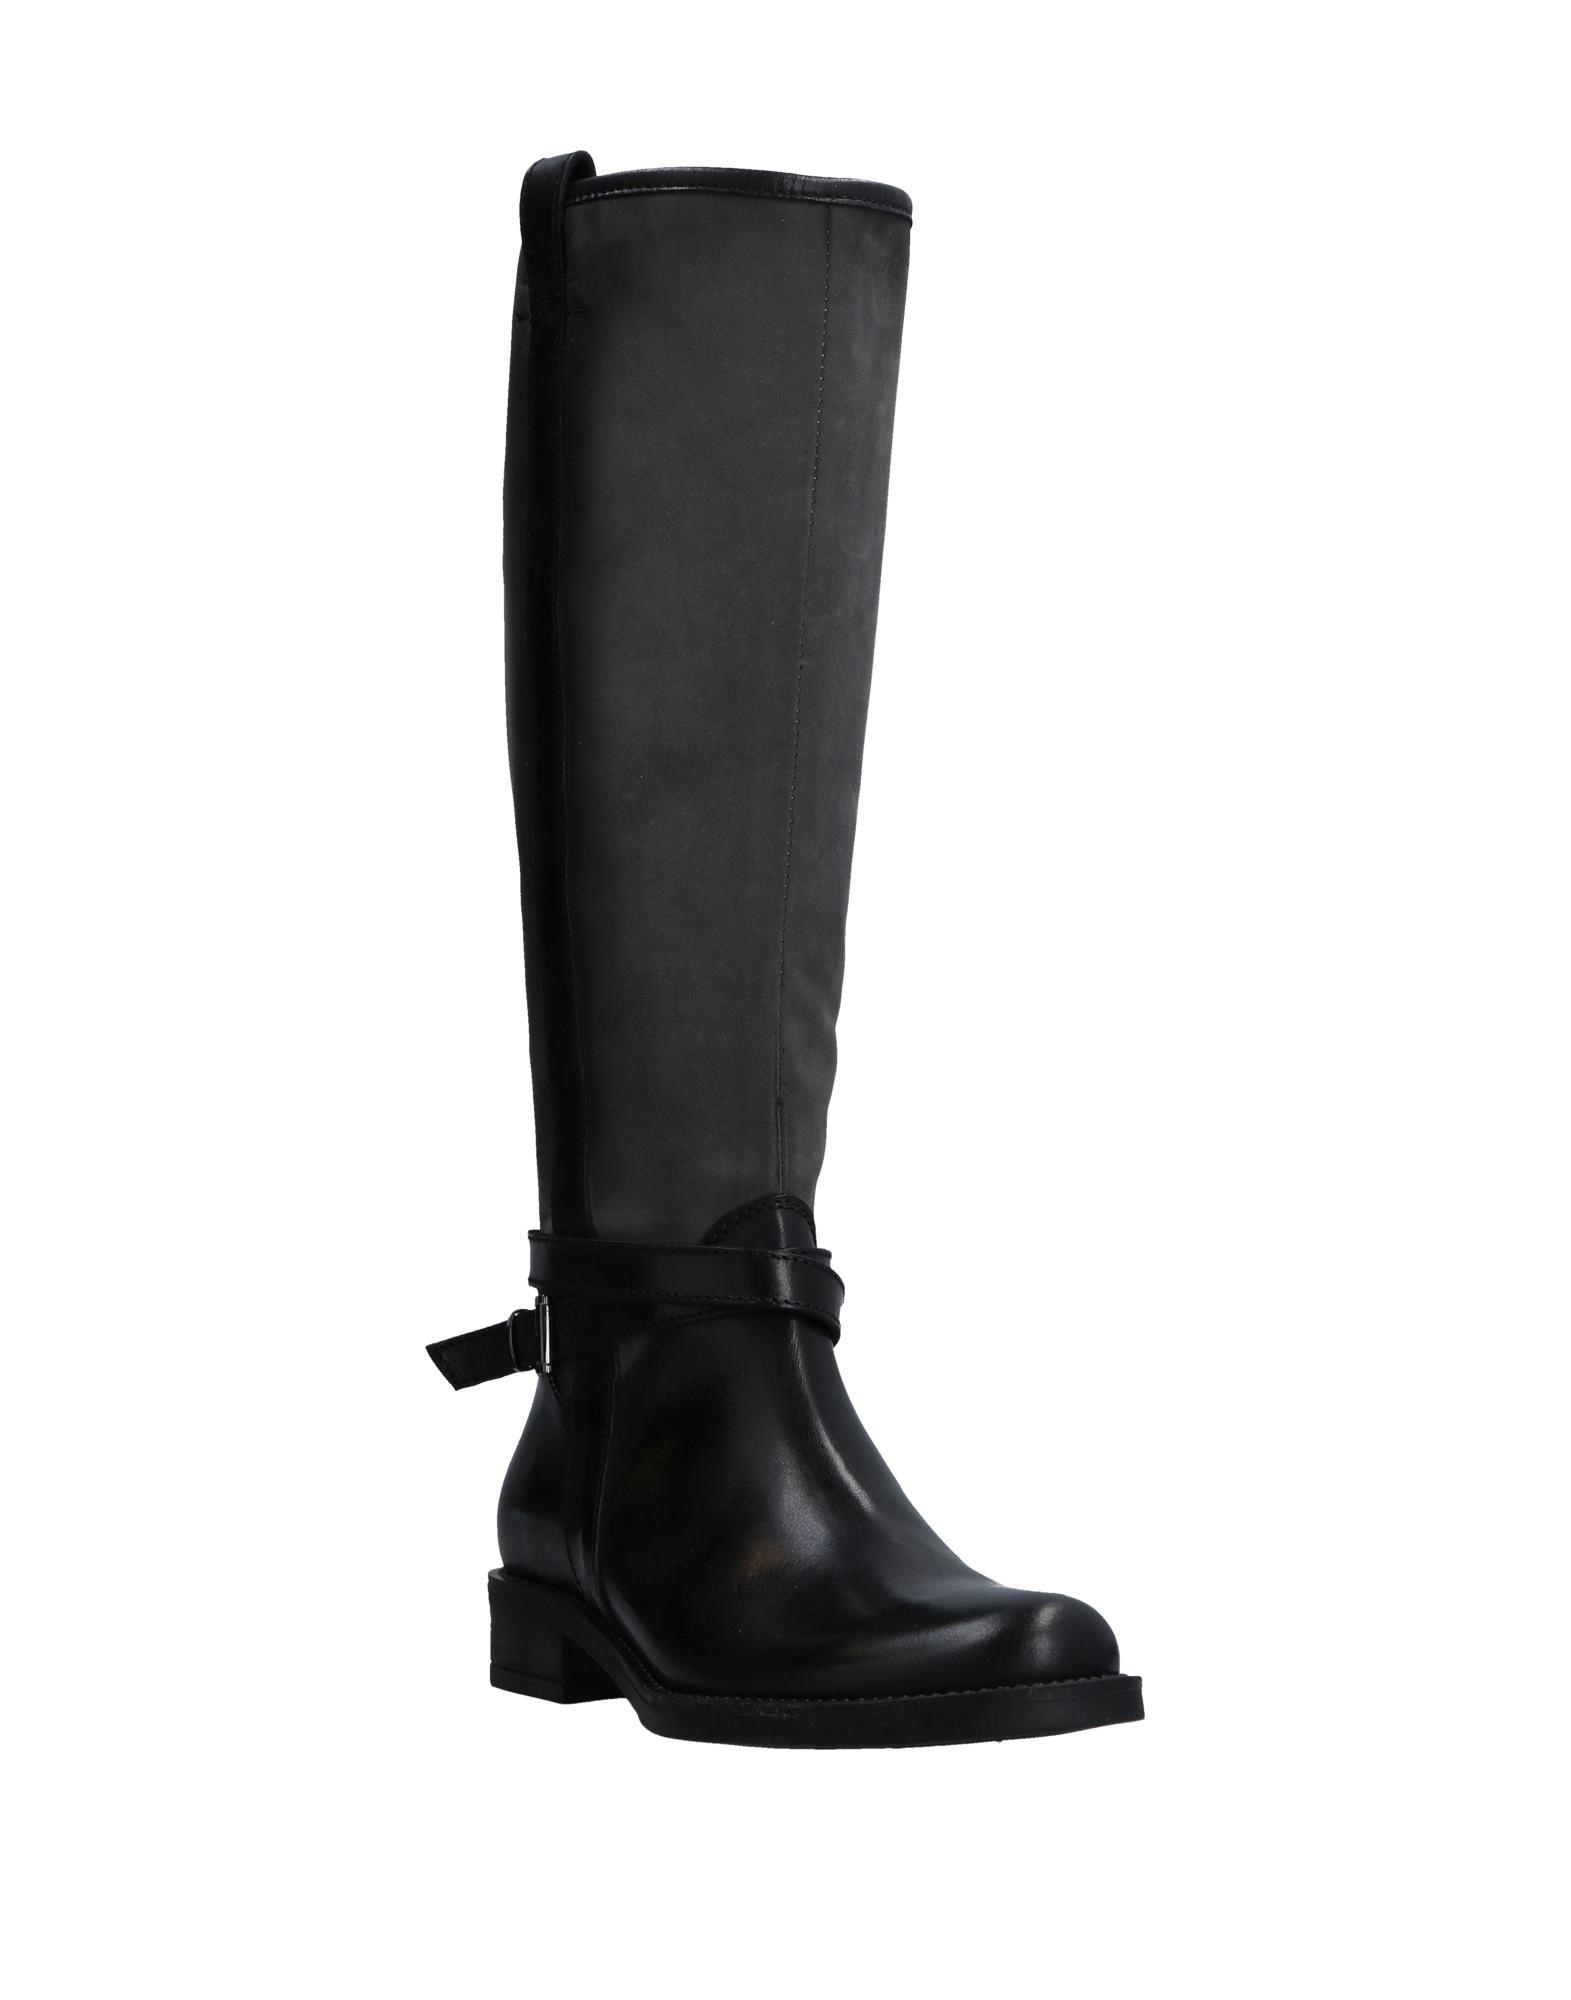 Billig-3327,Donna Più Preis-Leistungs-Verhältnis, Stiefel Damen Gutes Preis-Leistungs-Verhältnis, Più es lohnt sich 0386ac